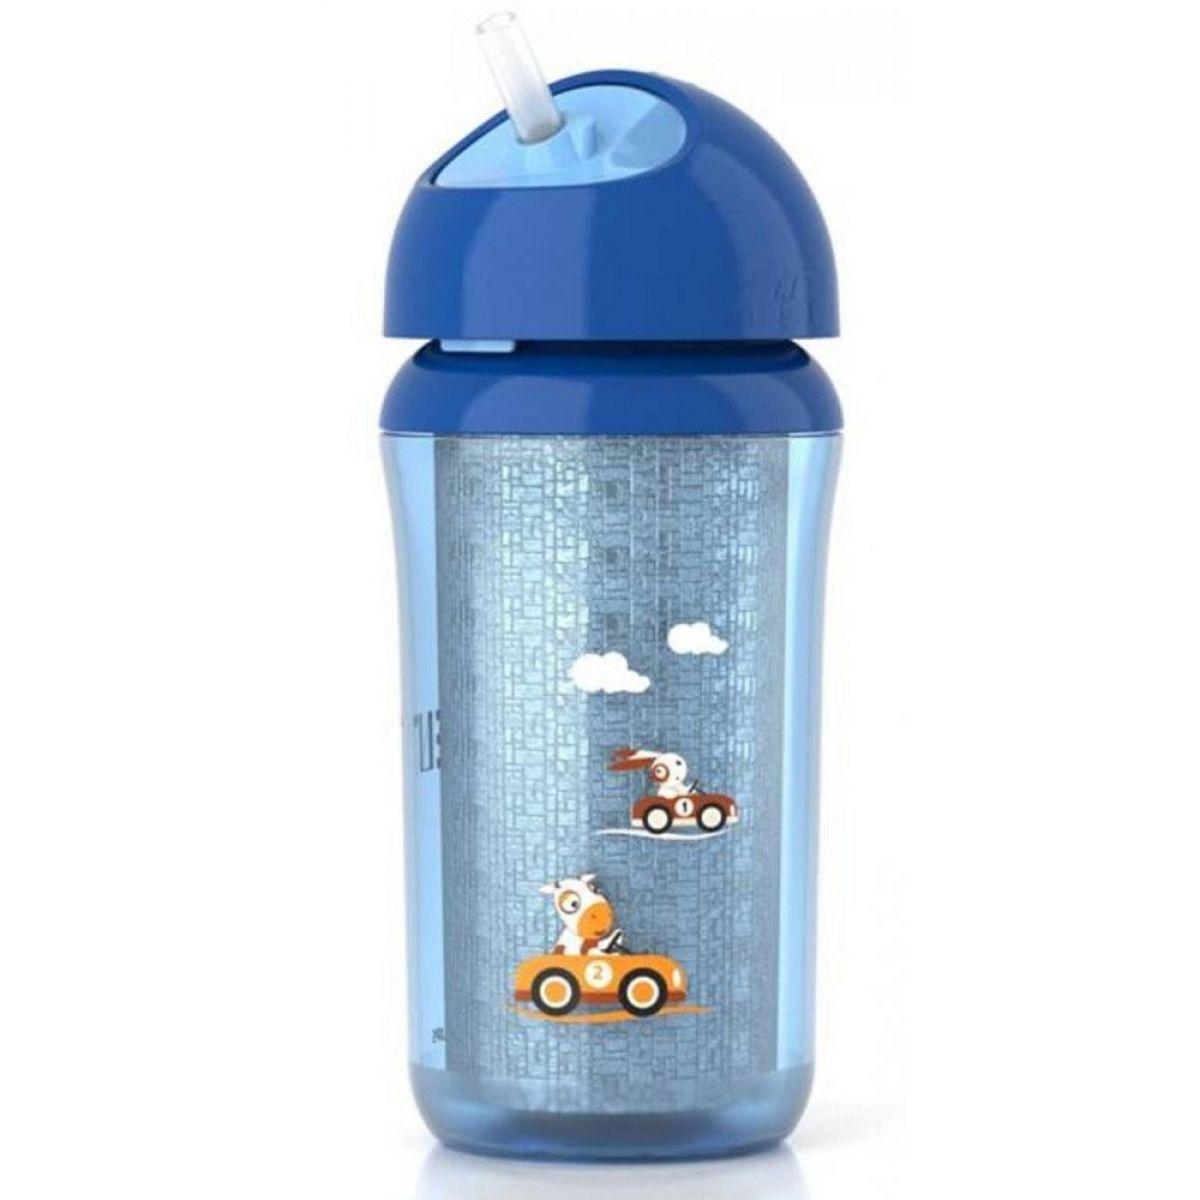 Philips Avent Izolovaný hrneček s brčkem 260 ml - Modrá